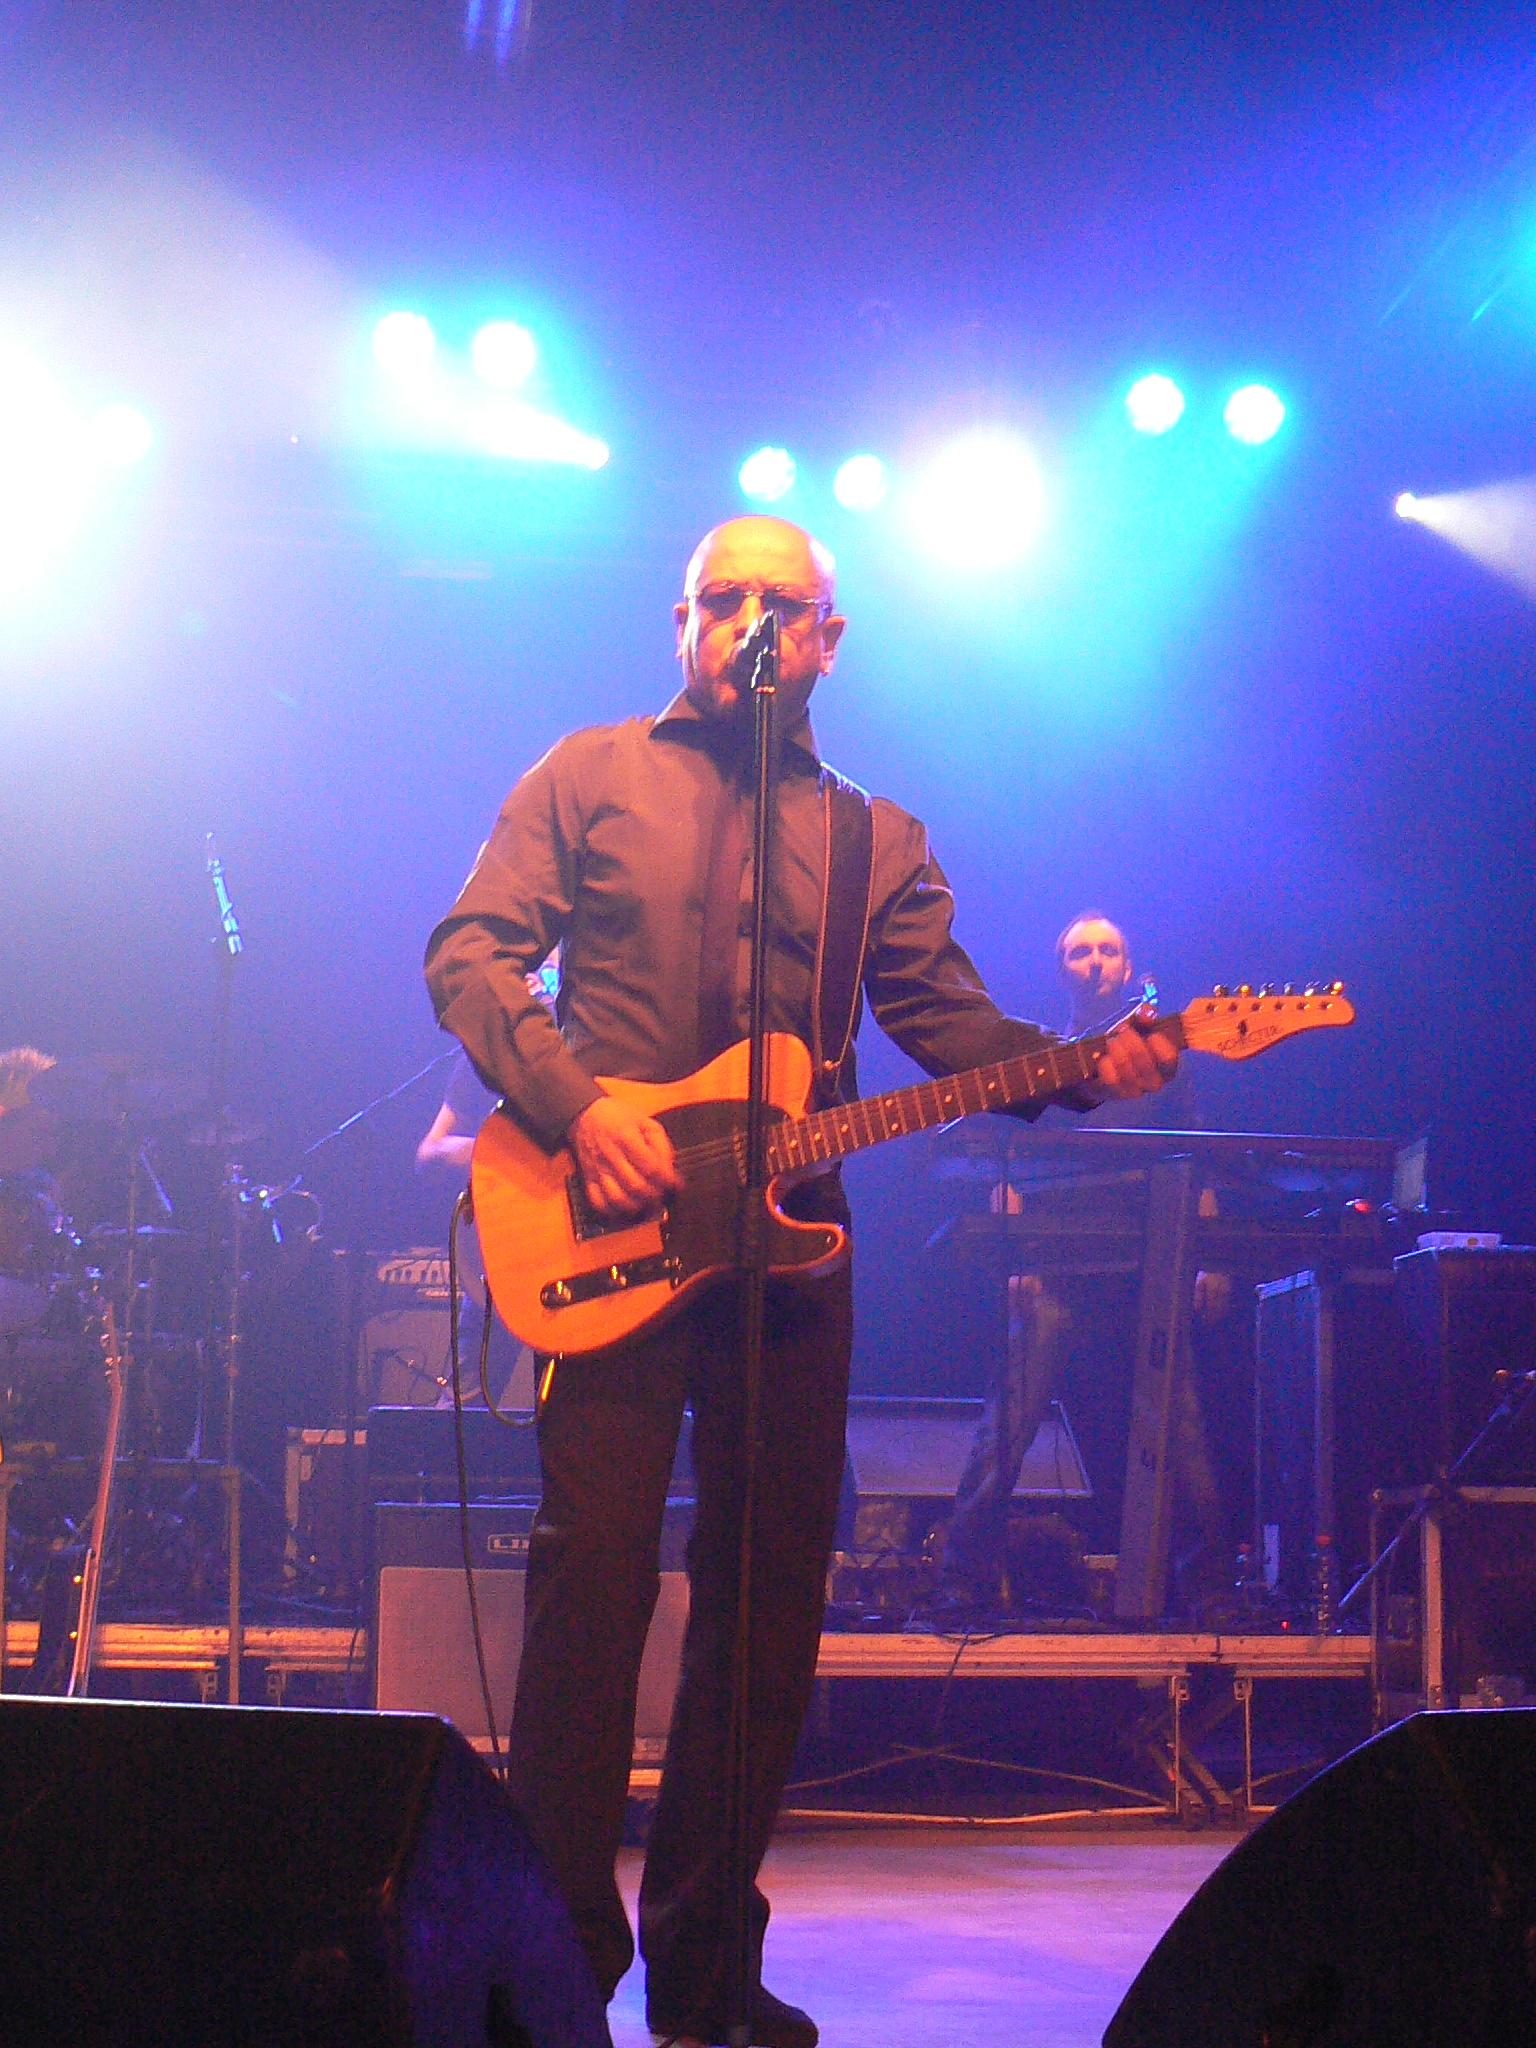 Il popolare cantautore durante una fase del concerto presso I Magazzini Generali di Milano